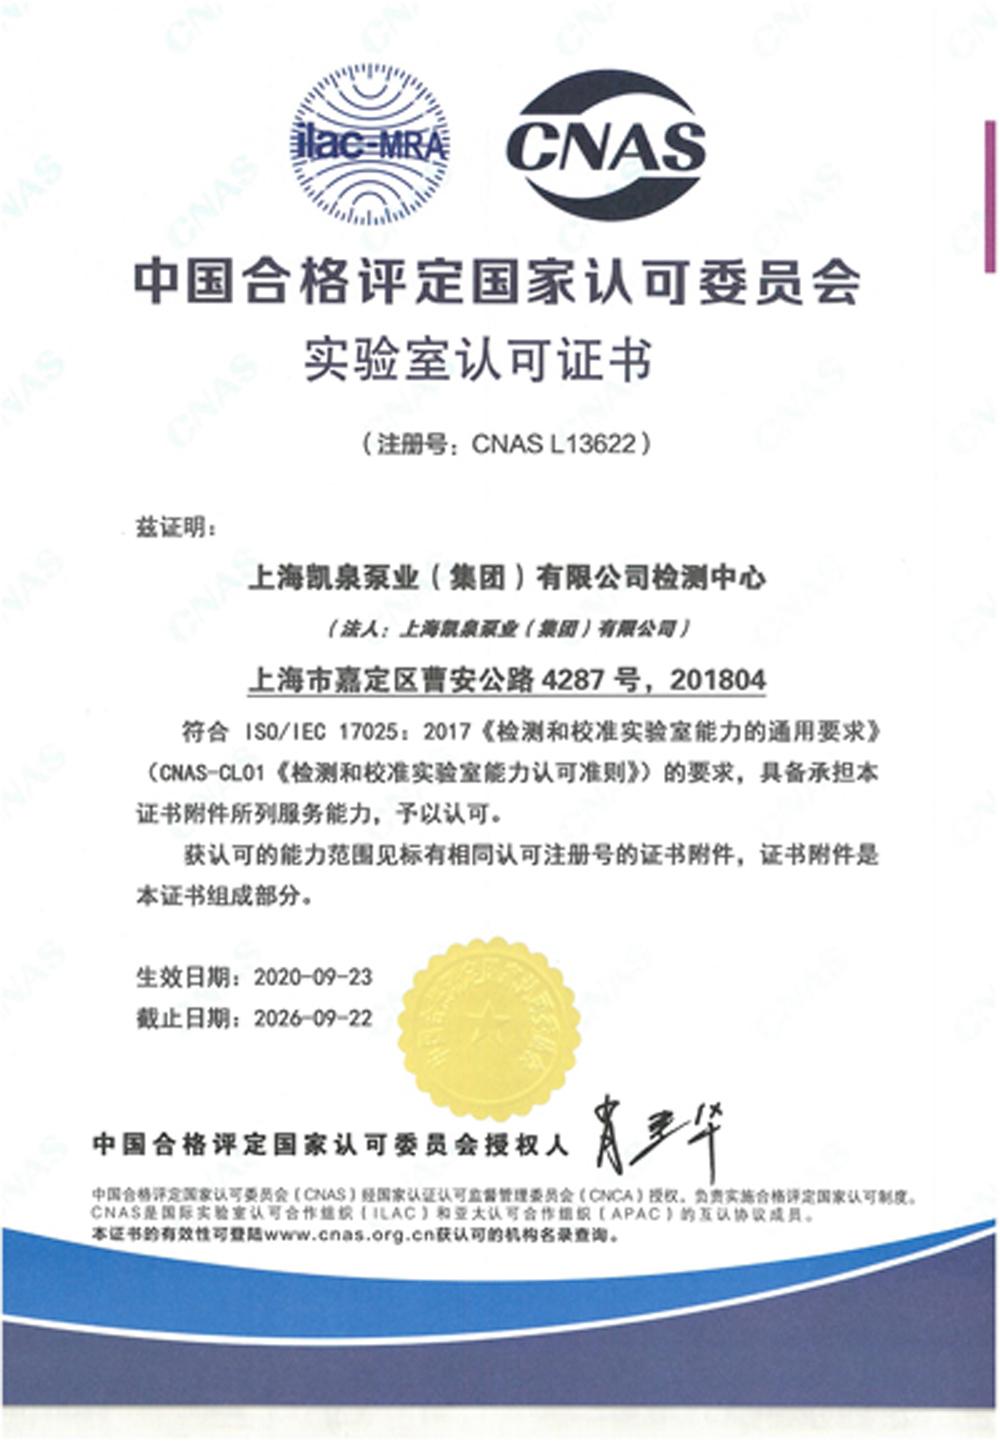 上海凯泉-CNAS证书中文版-有效期至20260922